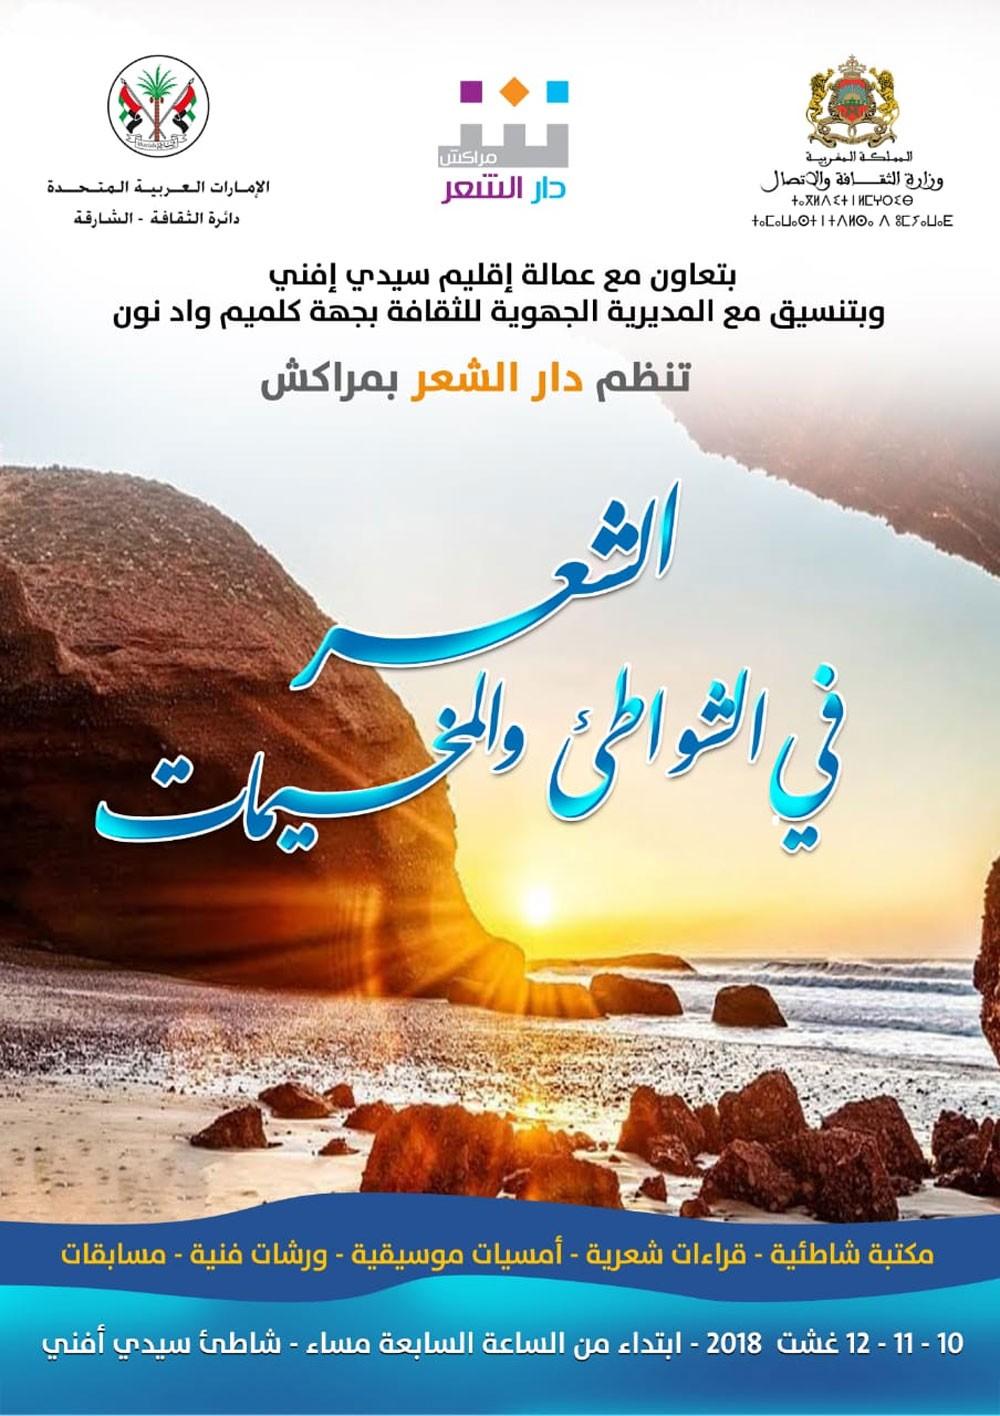 """لتظاهرة """"الشعر في الشواطئ والمخيمات"""" من شاطئ سيدي إفني"""